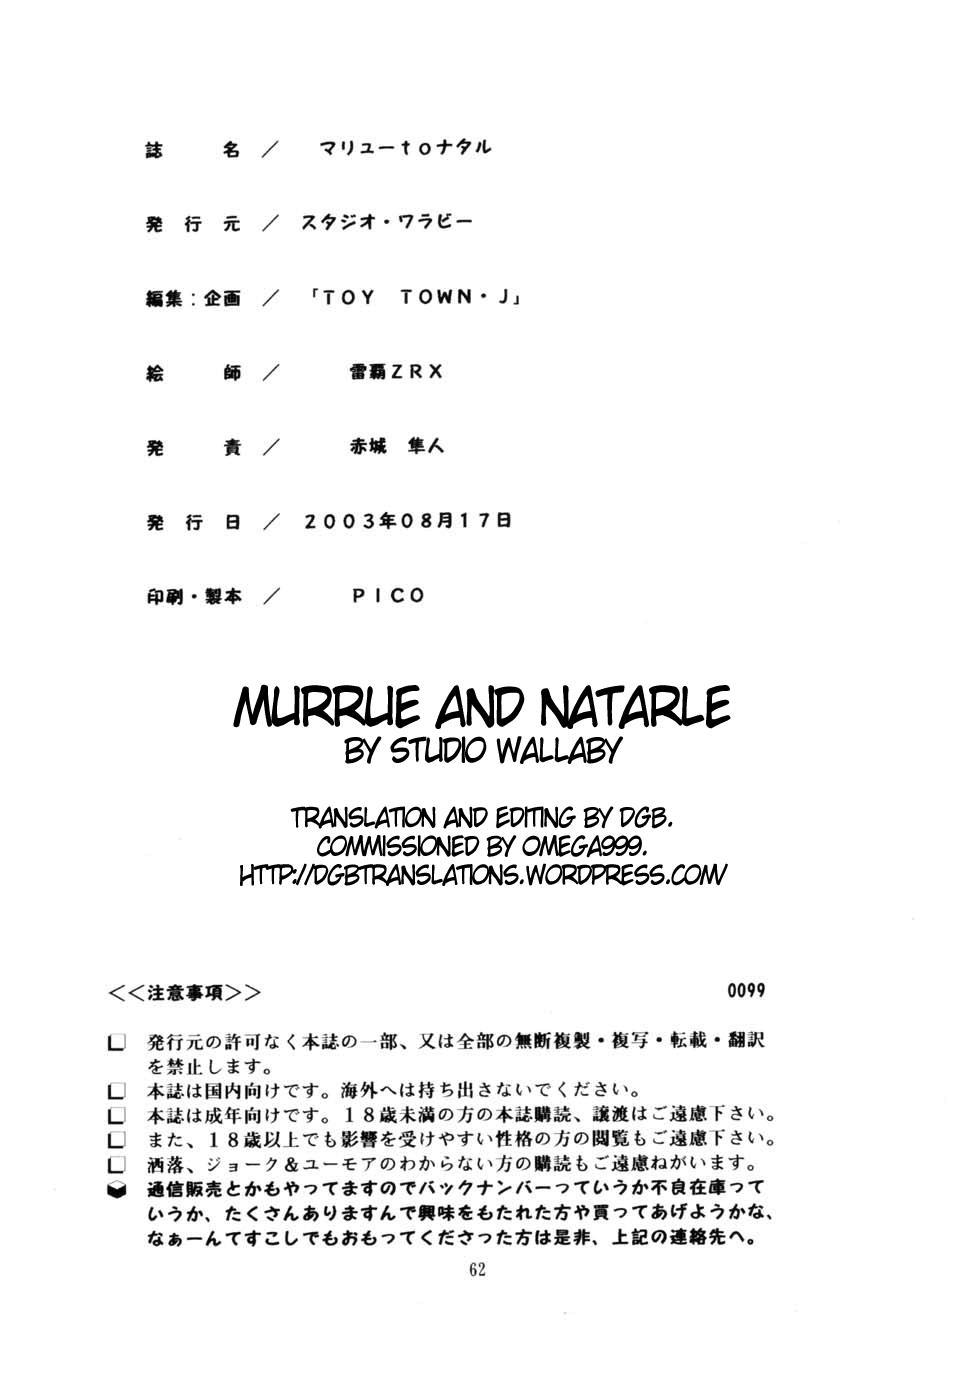 Murrue to Natarle | Murrue and Natarle 61